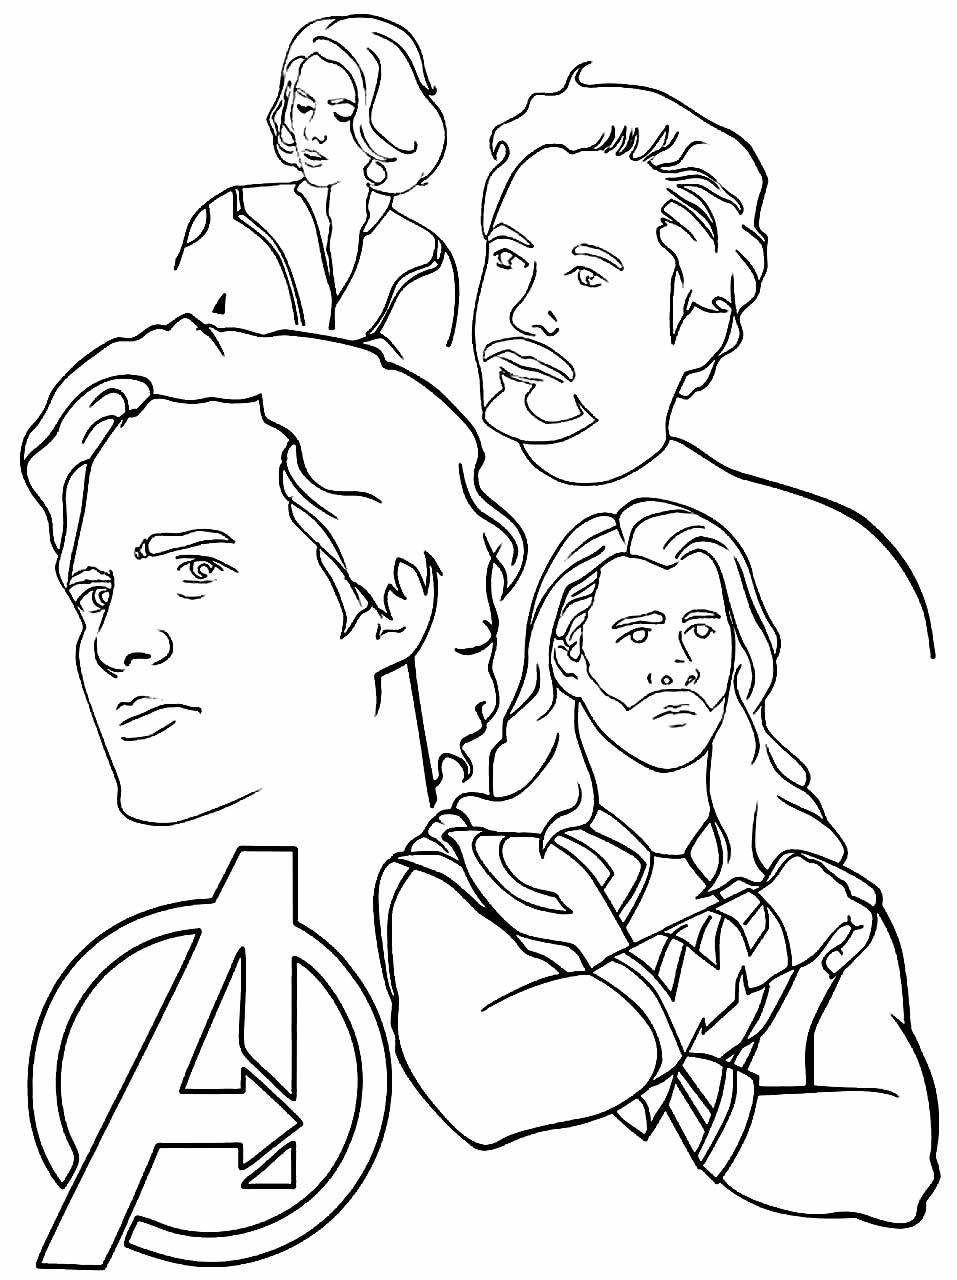 Imagem dos Vingadores para pintar